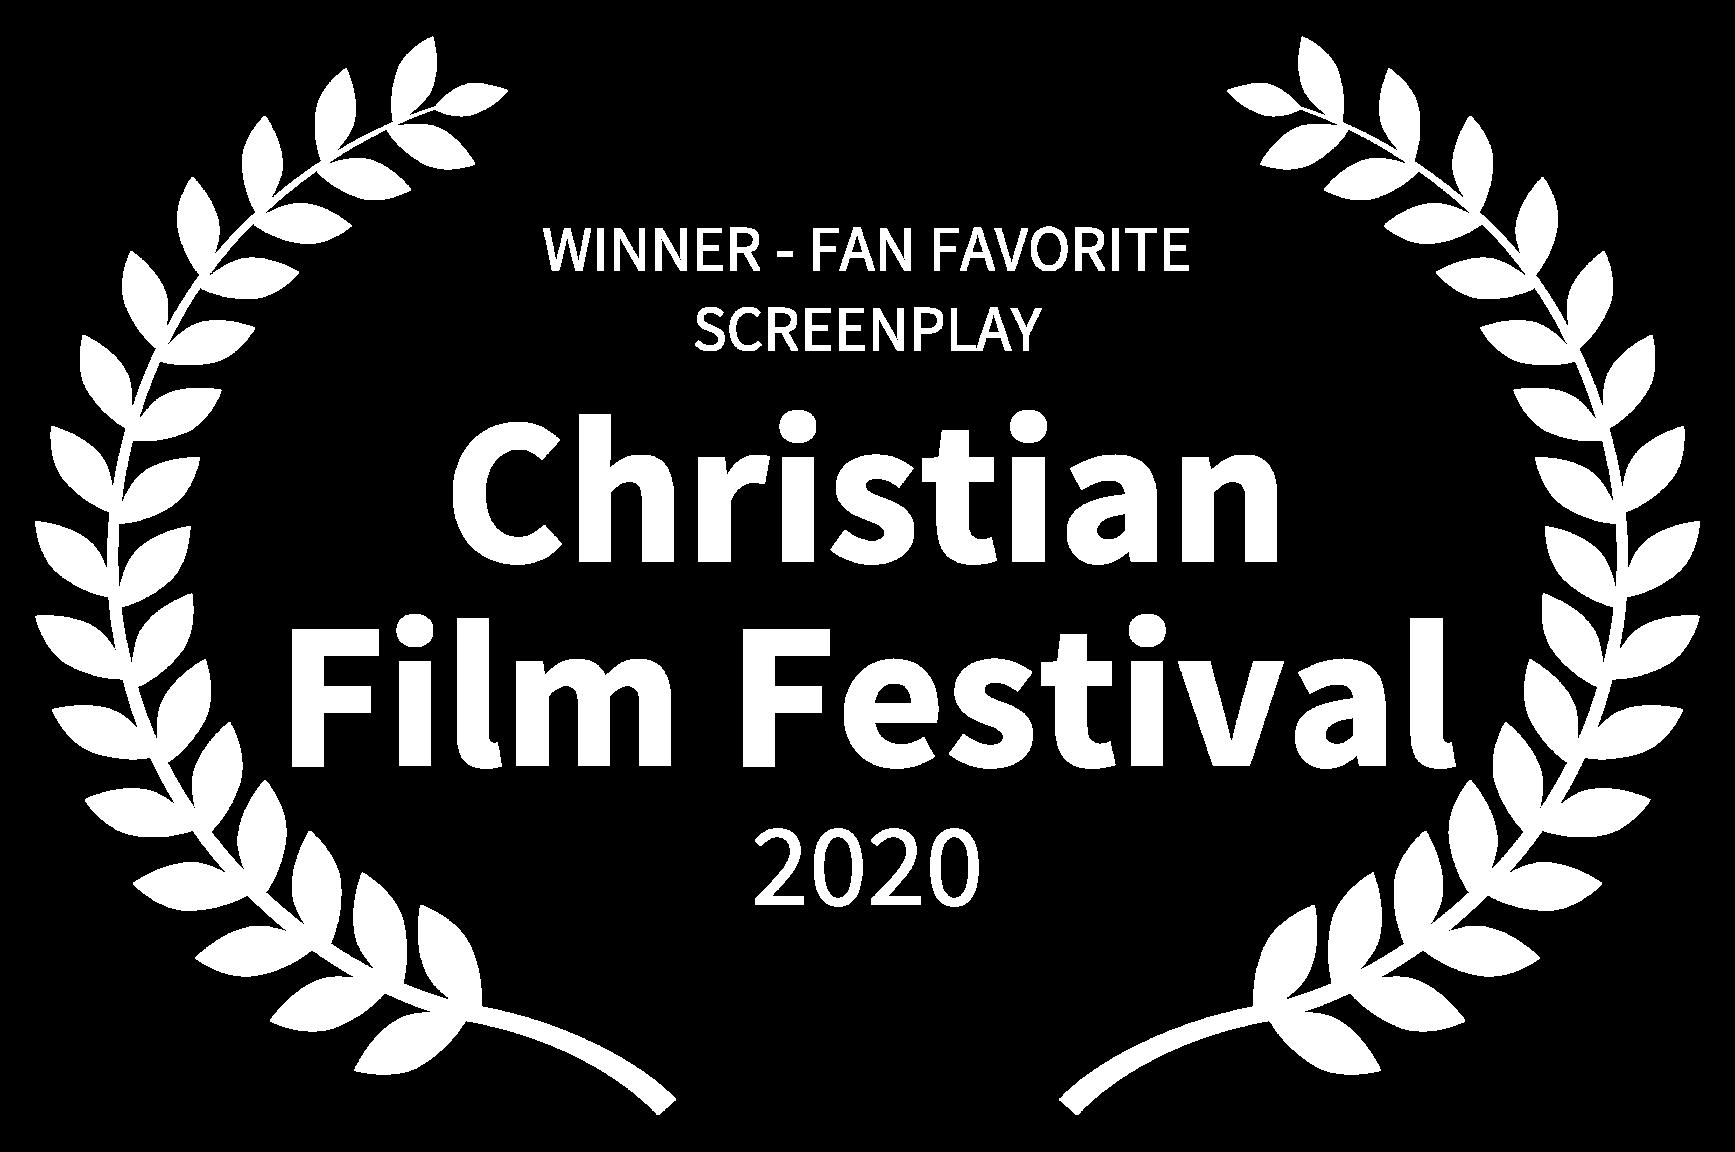 WINNER - FAN FAVORITE SCREENPLAY - Christian Film Festival - 2020